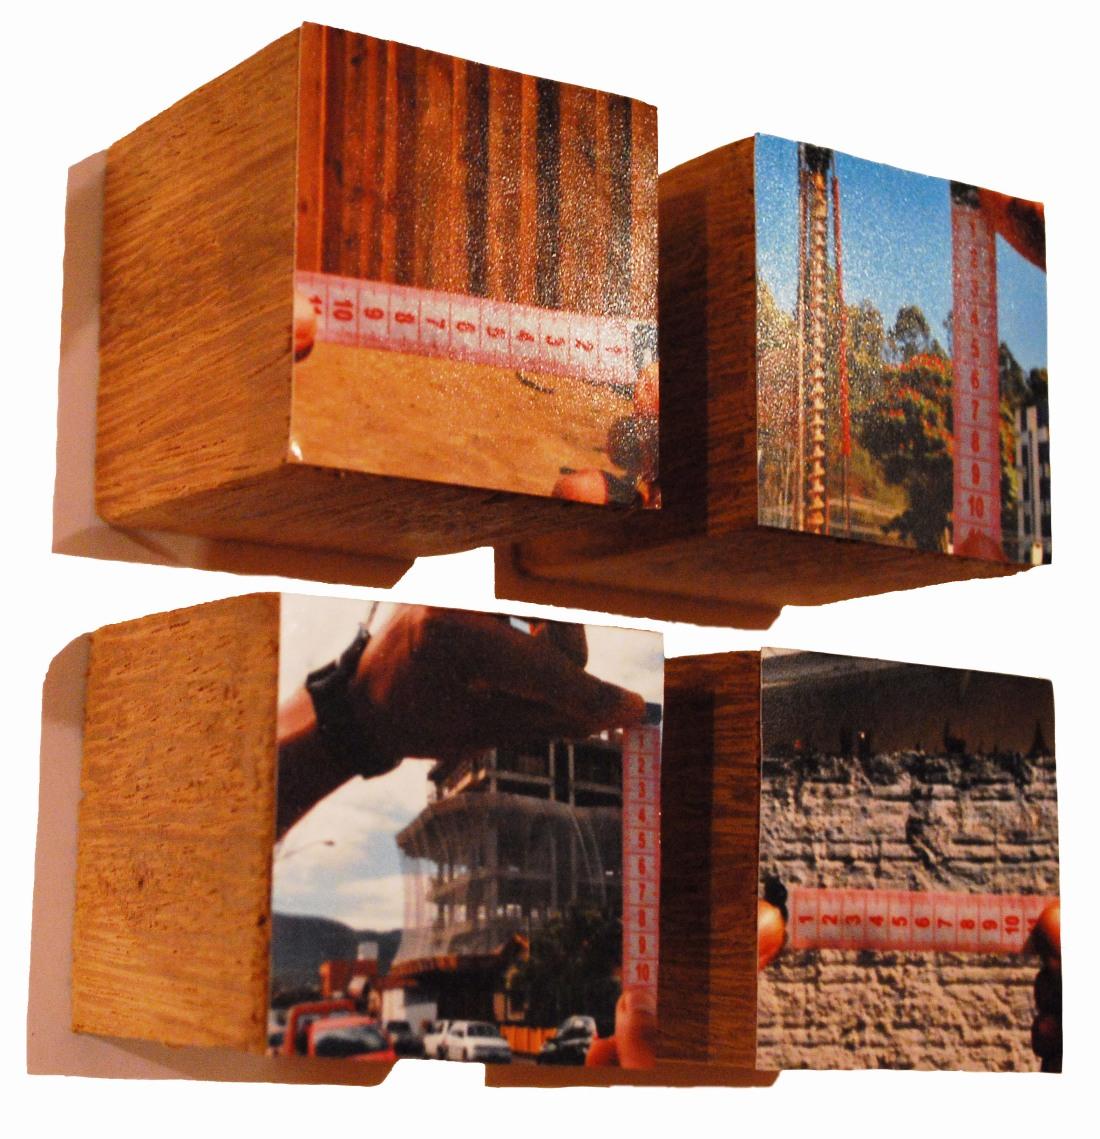 2009_metro1_10x10x4,5_fotografia sobre madera